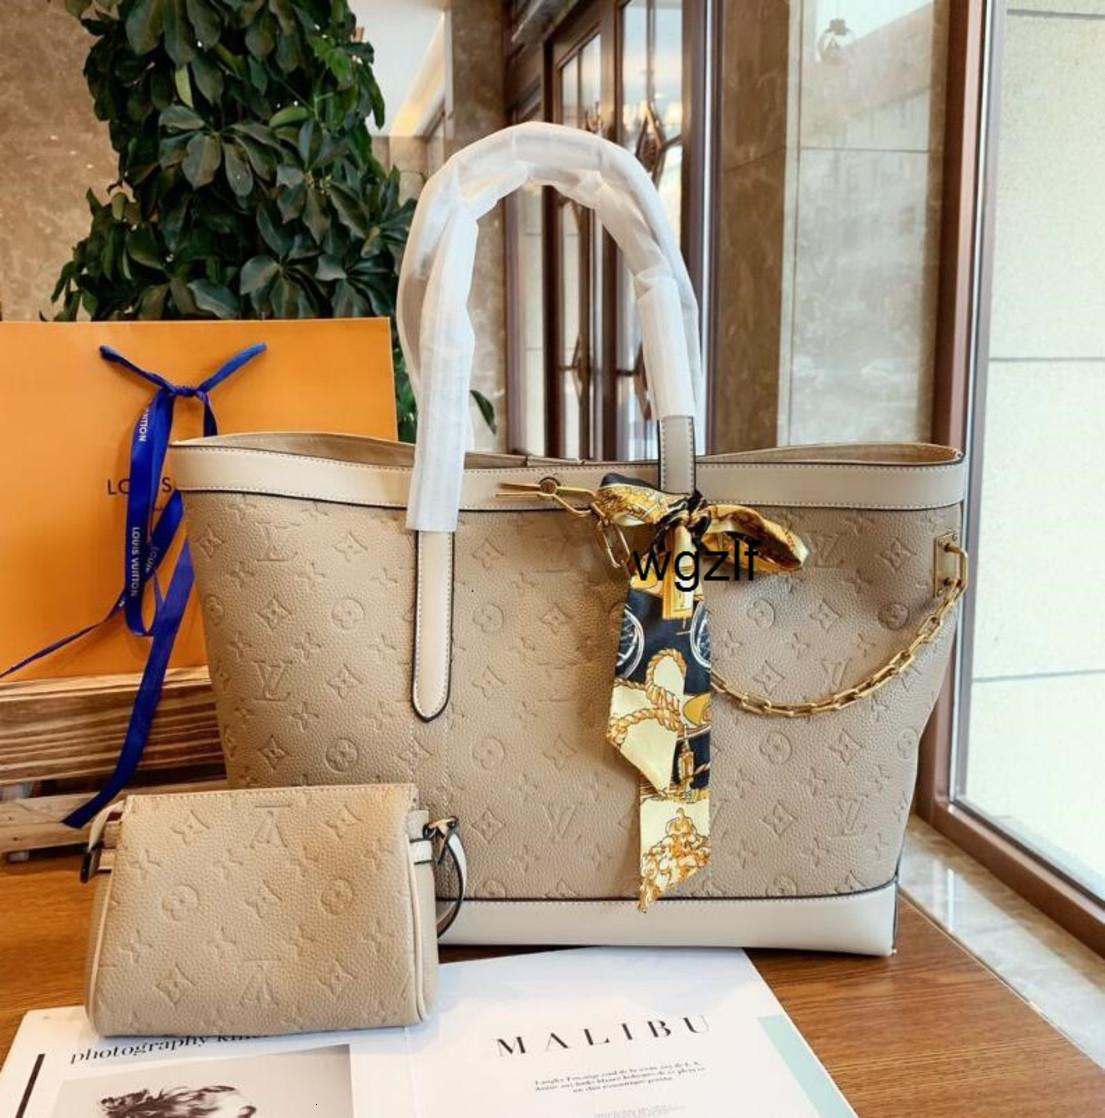 bolso crossbody mujeres de la manera nueva carta bolsas de hombro cartera de alto Qaulity Mensajero de cuero bolsos bolsa de bolsas de mujer WH113044